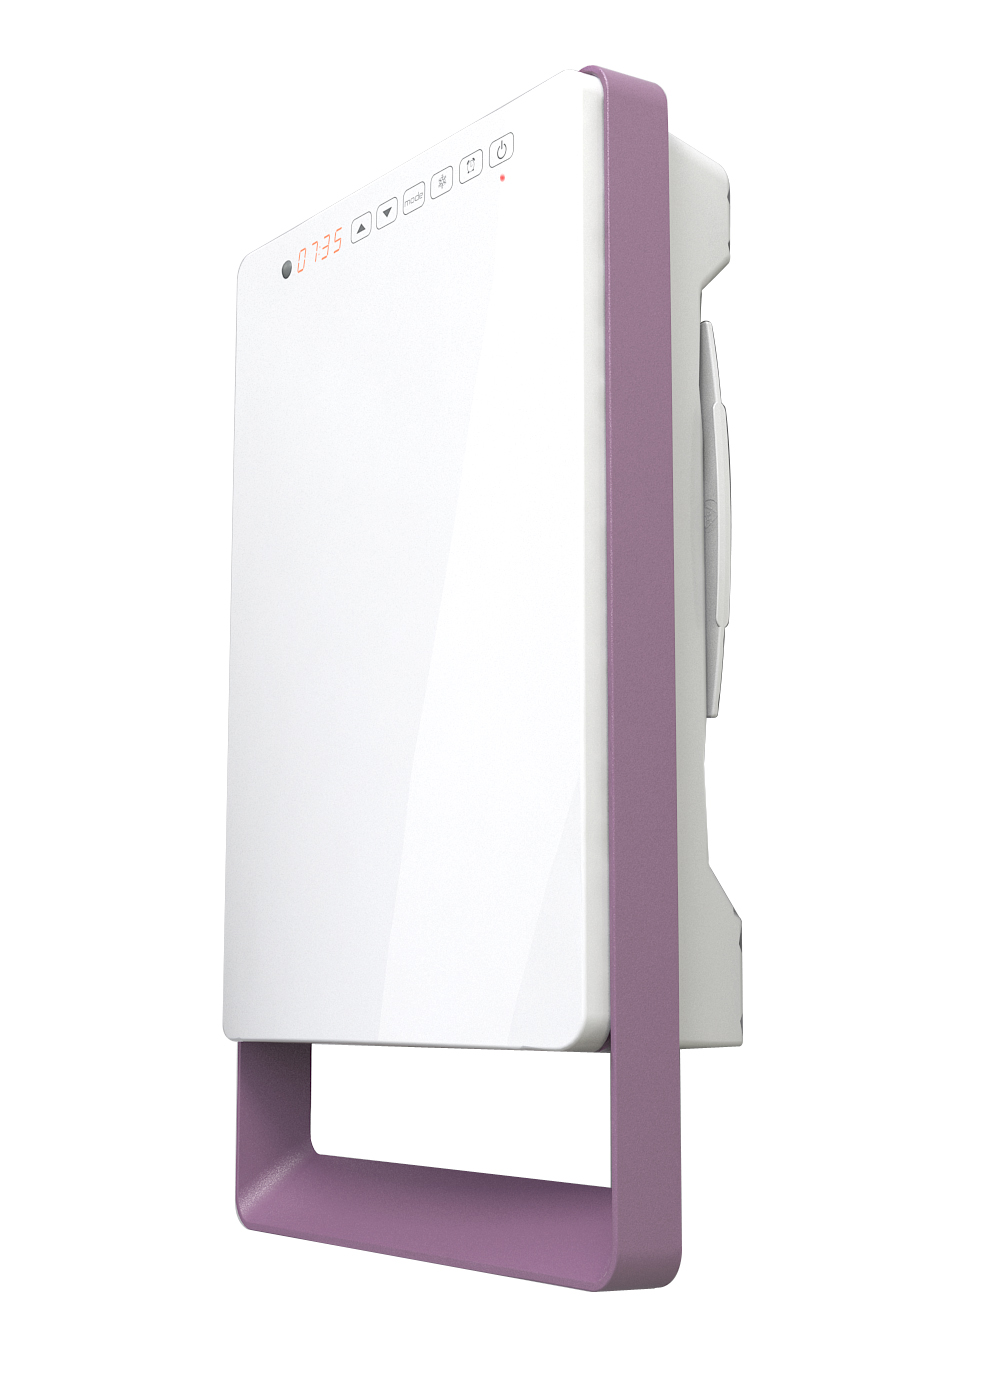 Termoventilatore elettrico da bagno digitale touch versione malva radialight - Termoventilatore per bagno ...